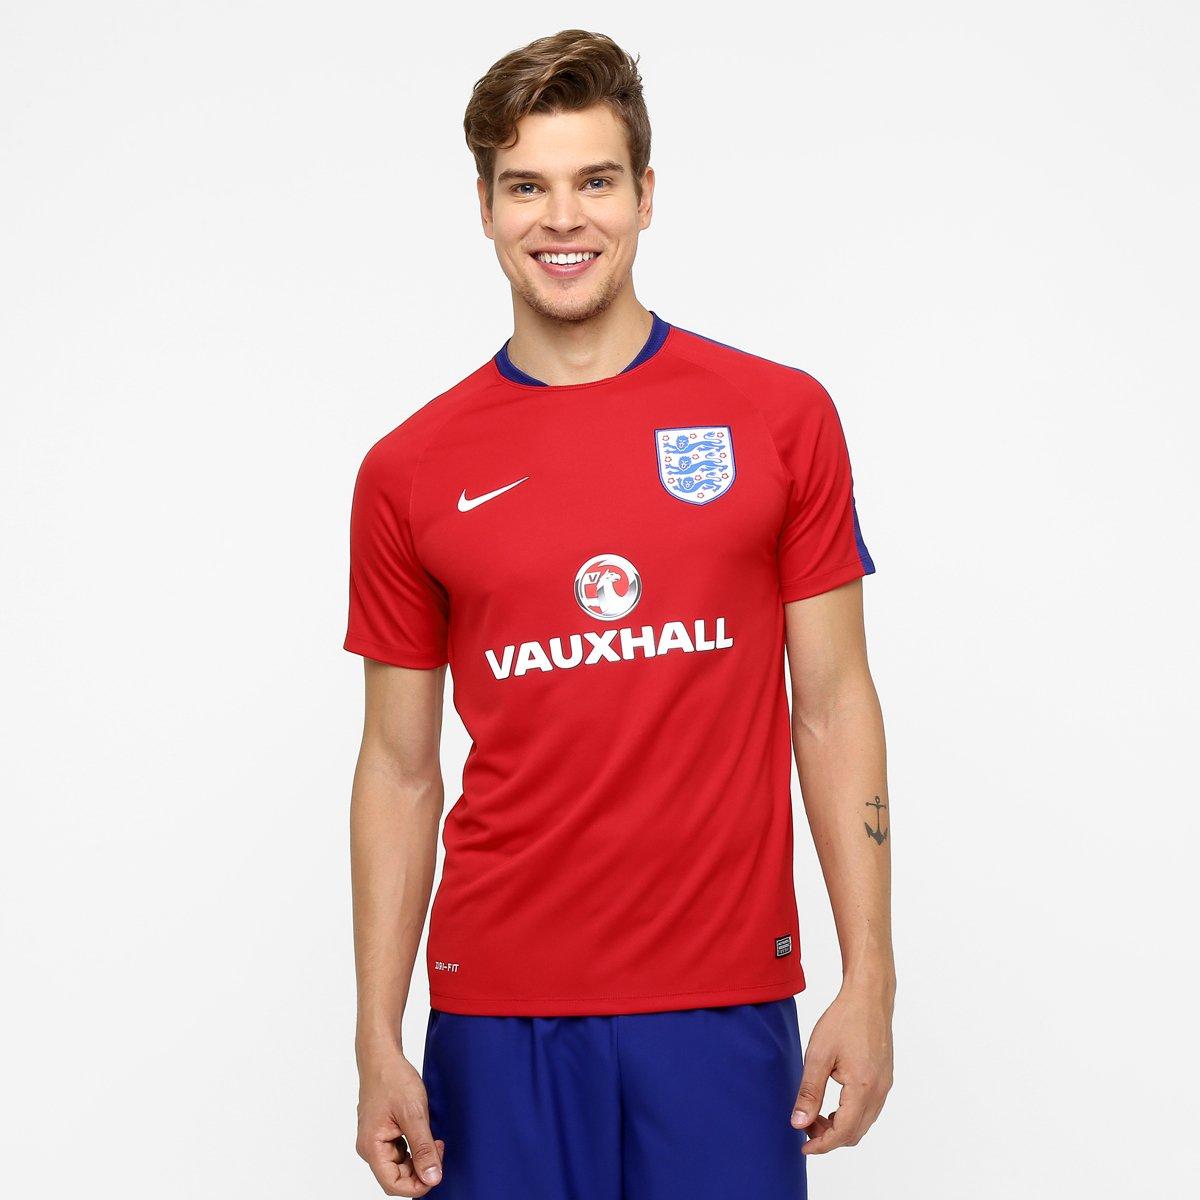 a6de8009b3f38 Camisa Seleção Inglaterra Treino 2016 - Torcedor Nike Masculina - Compre  Agora